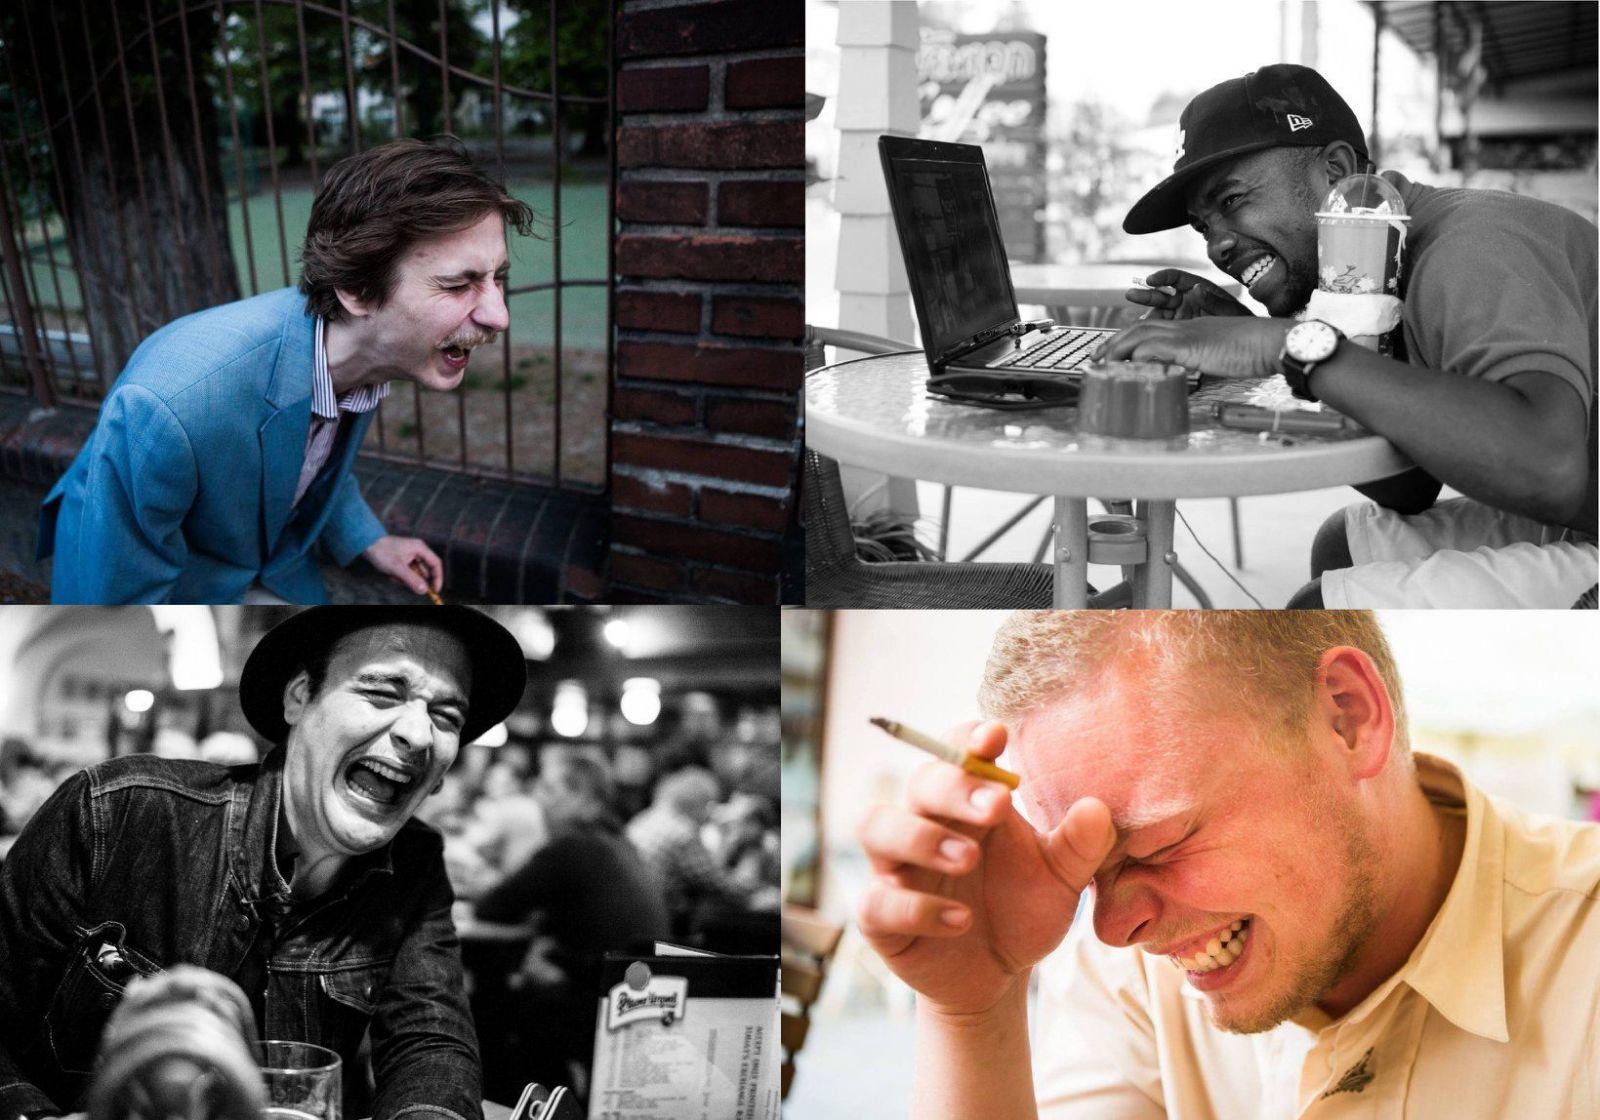 Český fotograf cestuje po celém světě a fotí různé lidi. Bojuje tak se svou sociální fobií a strachem z létání